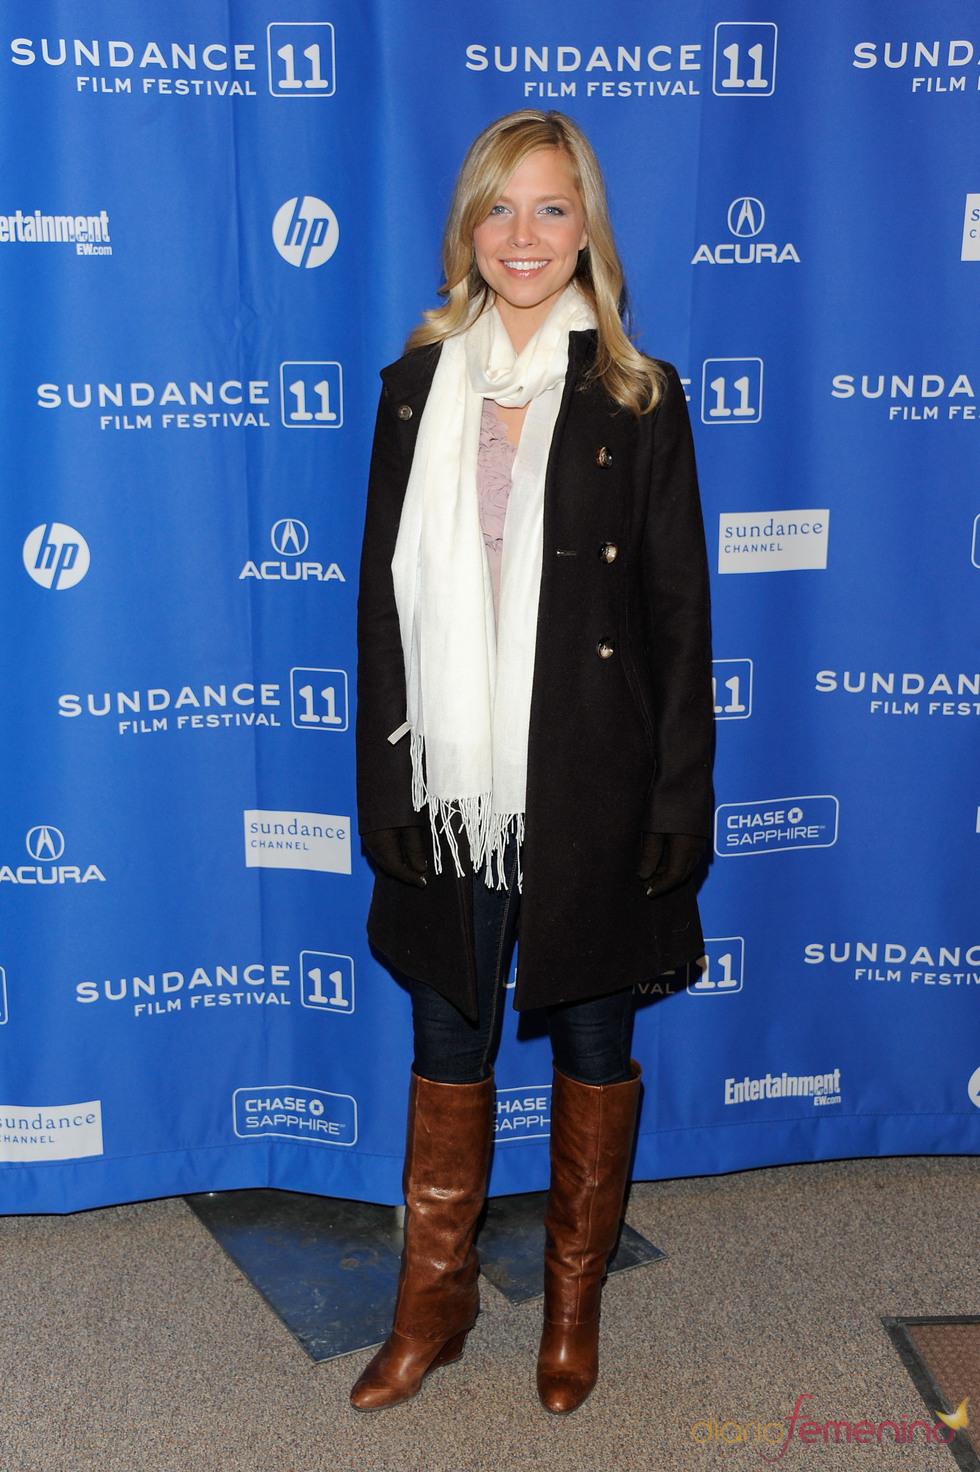 Laura Coover en el Festival de Cine Sundance 2011